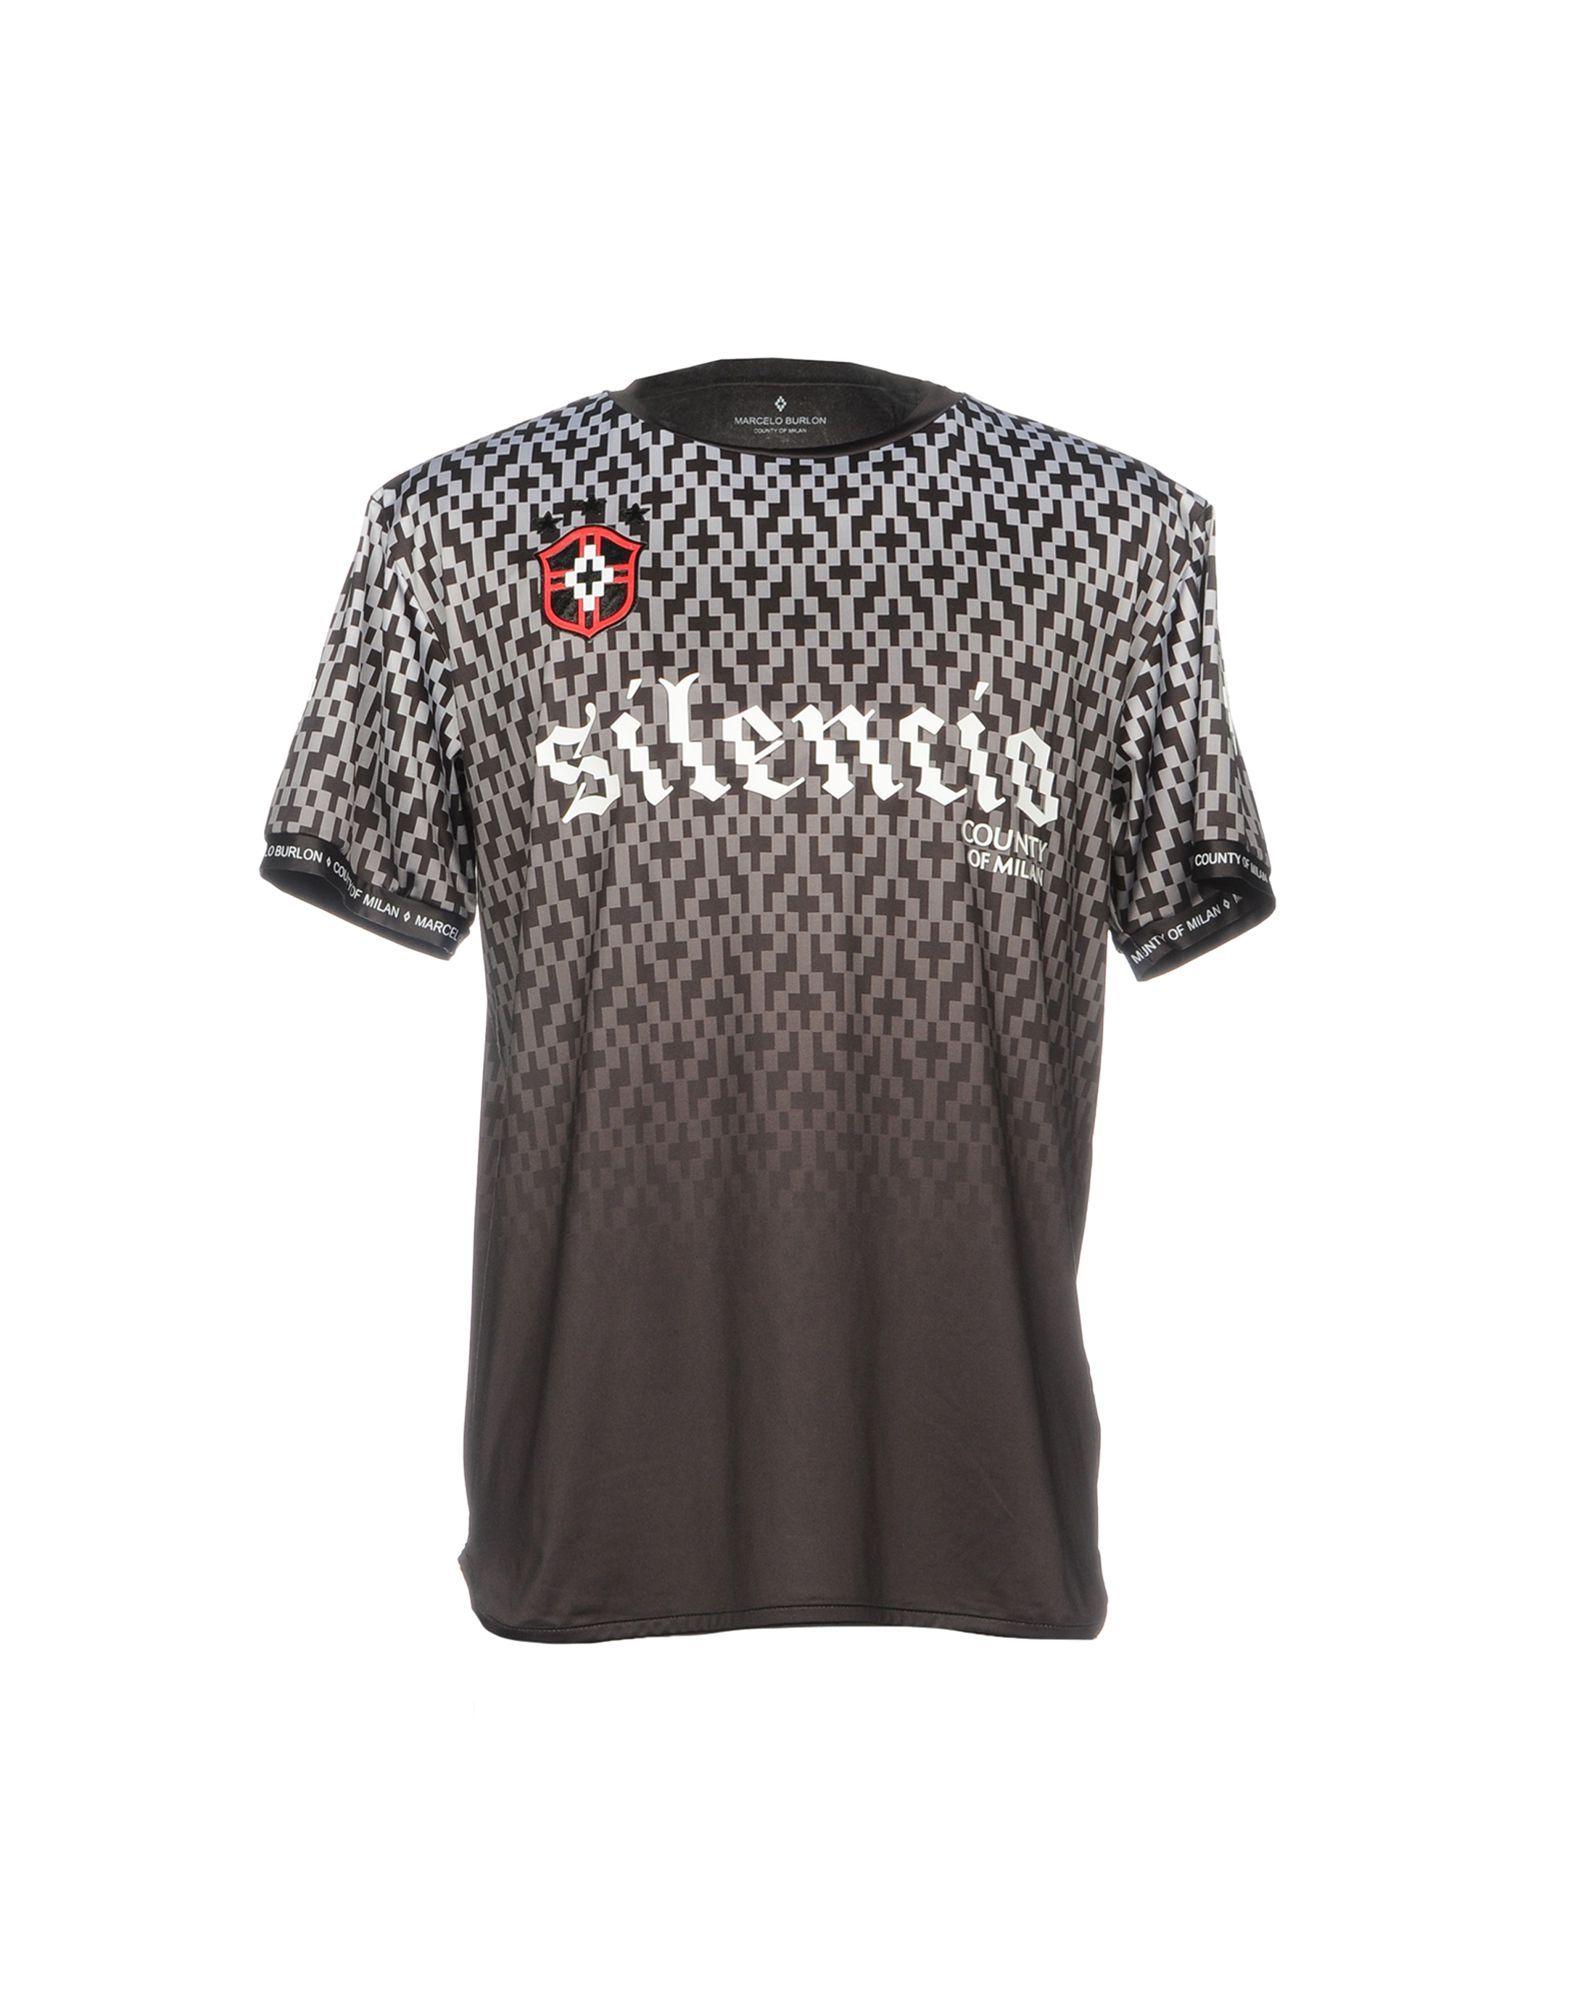 CAMISETAS Y TOPS - Camisetas Marcelo Burlon TfGdMmdZ